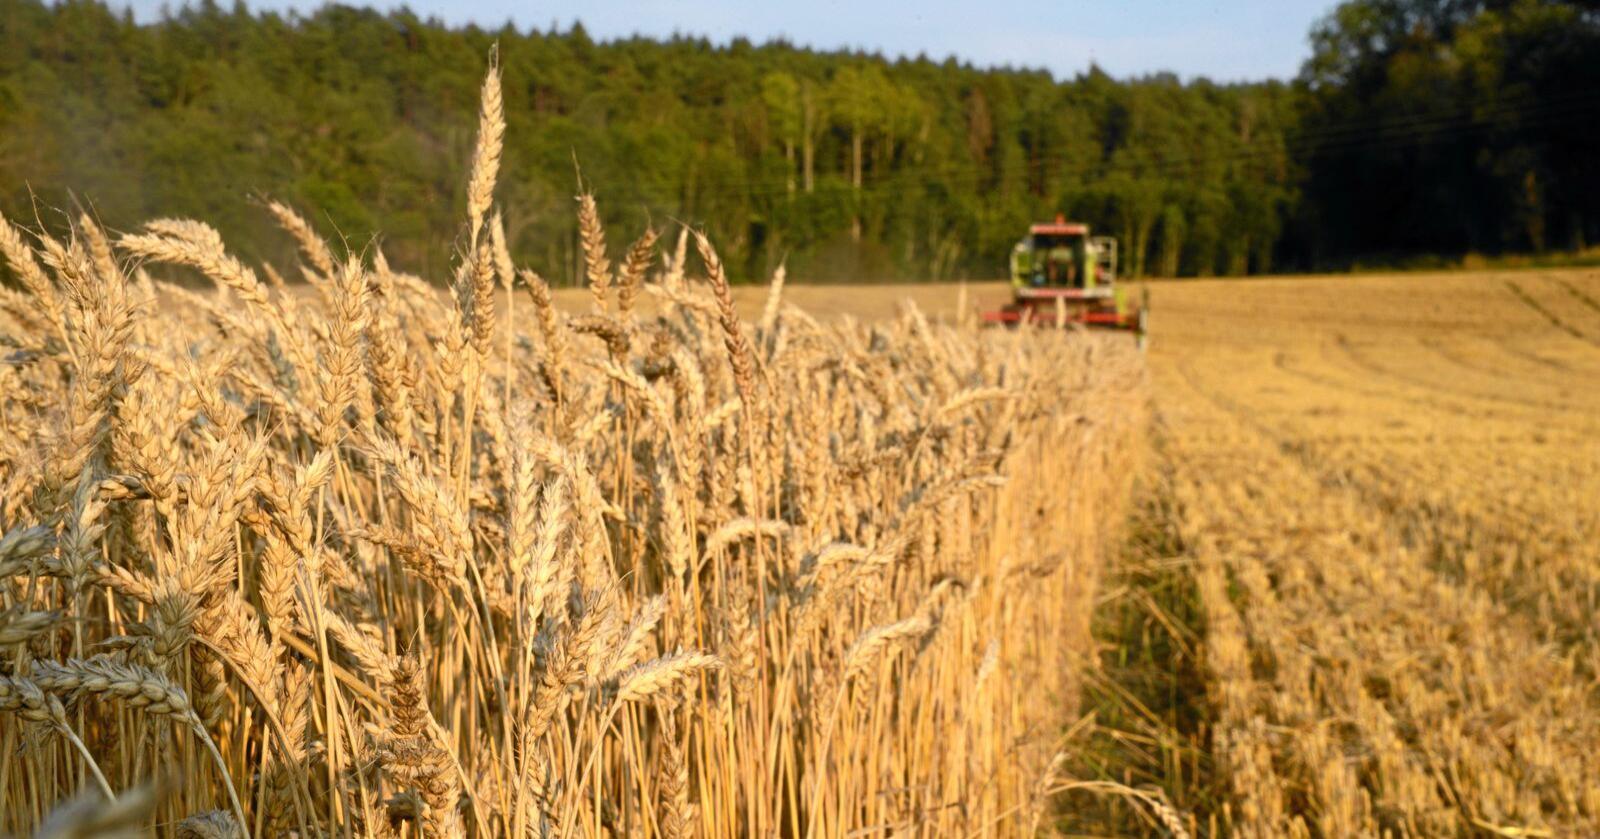 Tresking av korn. Foto: Mariann Tvete